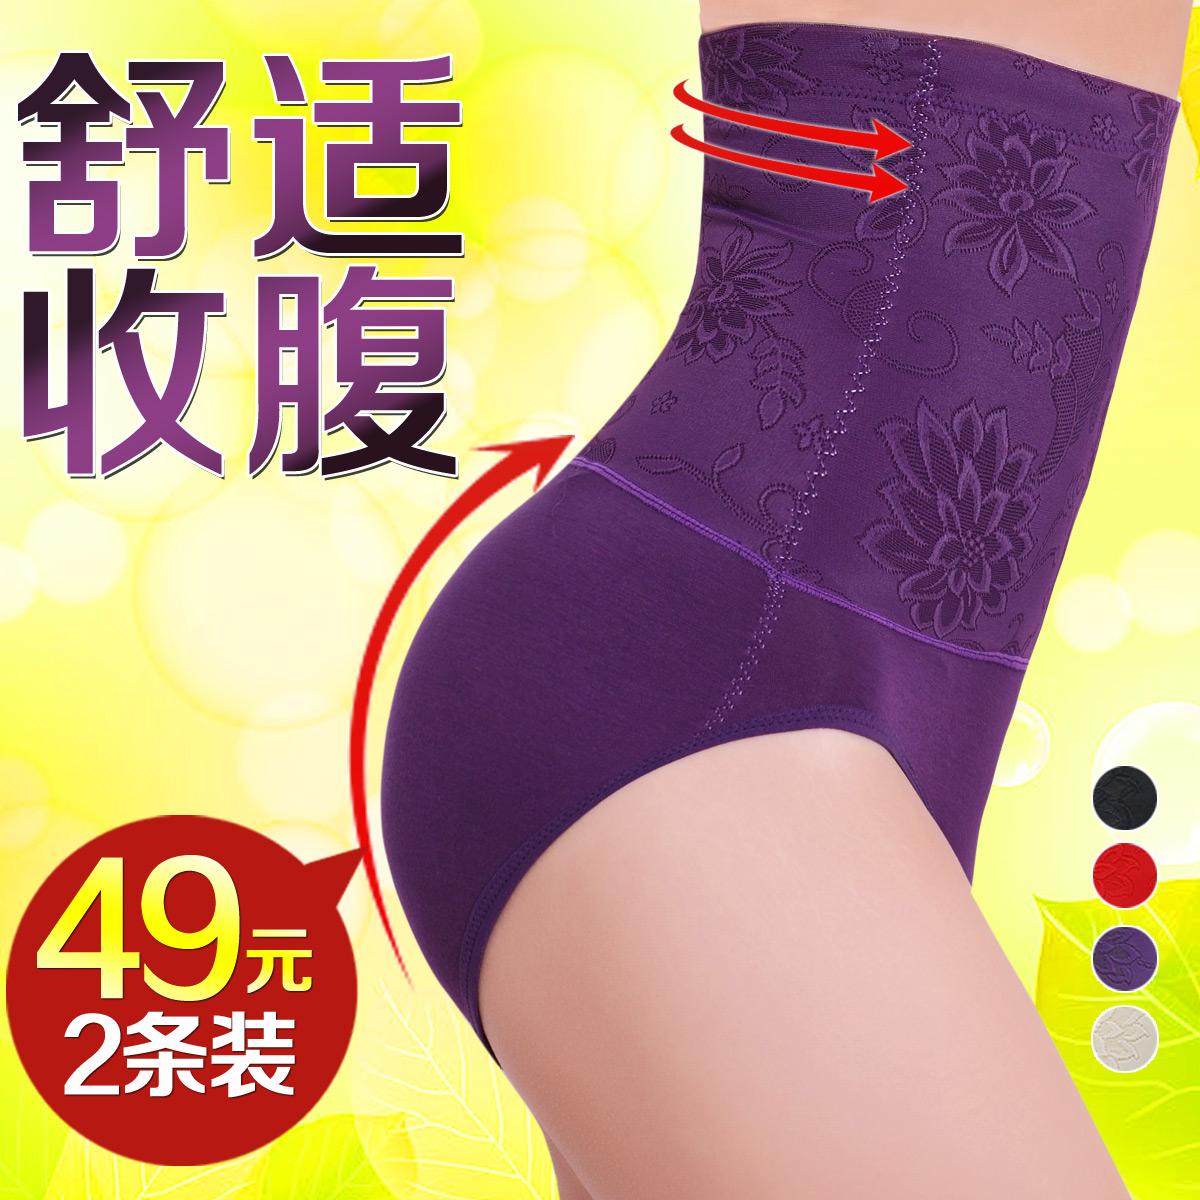 姿彦丽儿 2条装 24裤中高腰收胃收腹提臀塑身内裤 女薄款束腹内衣 价格:48.89